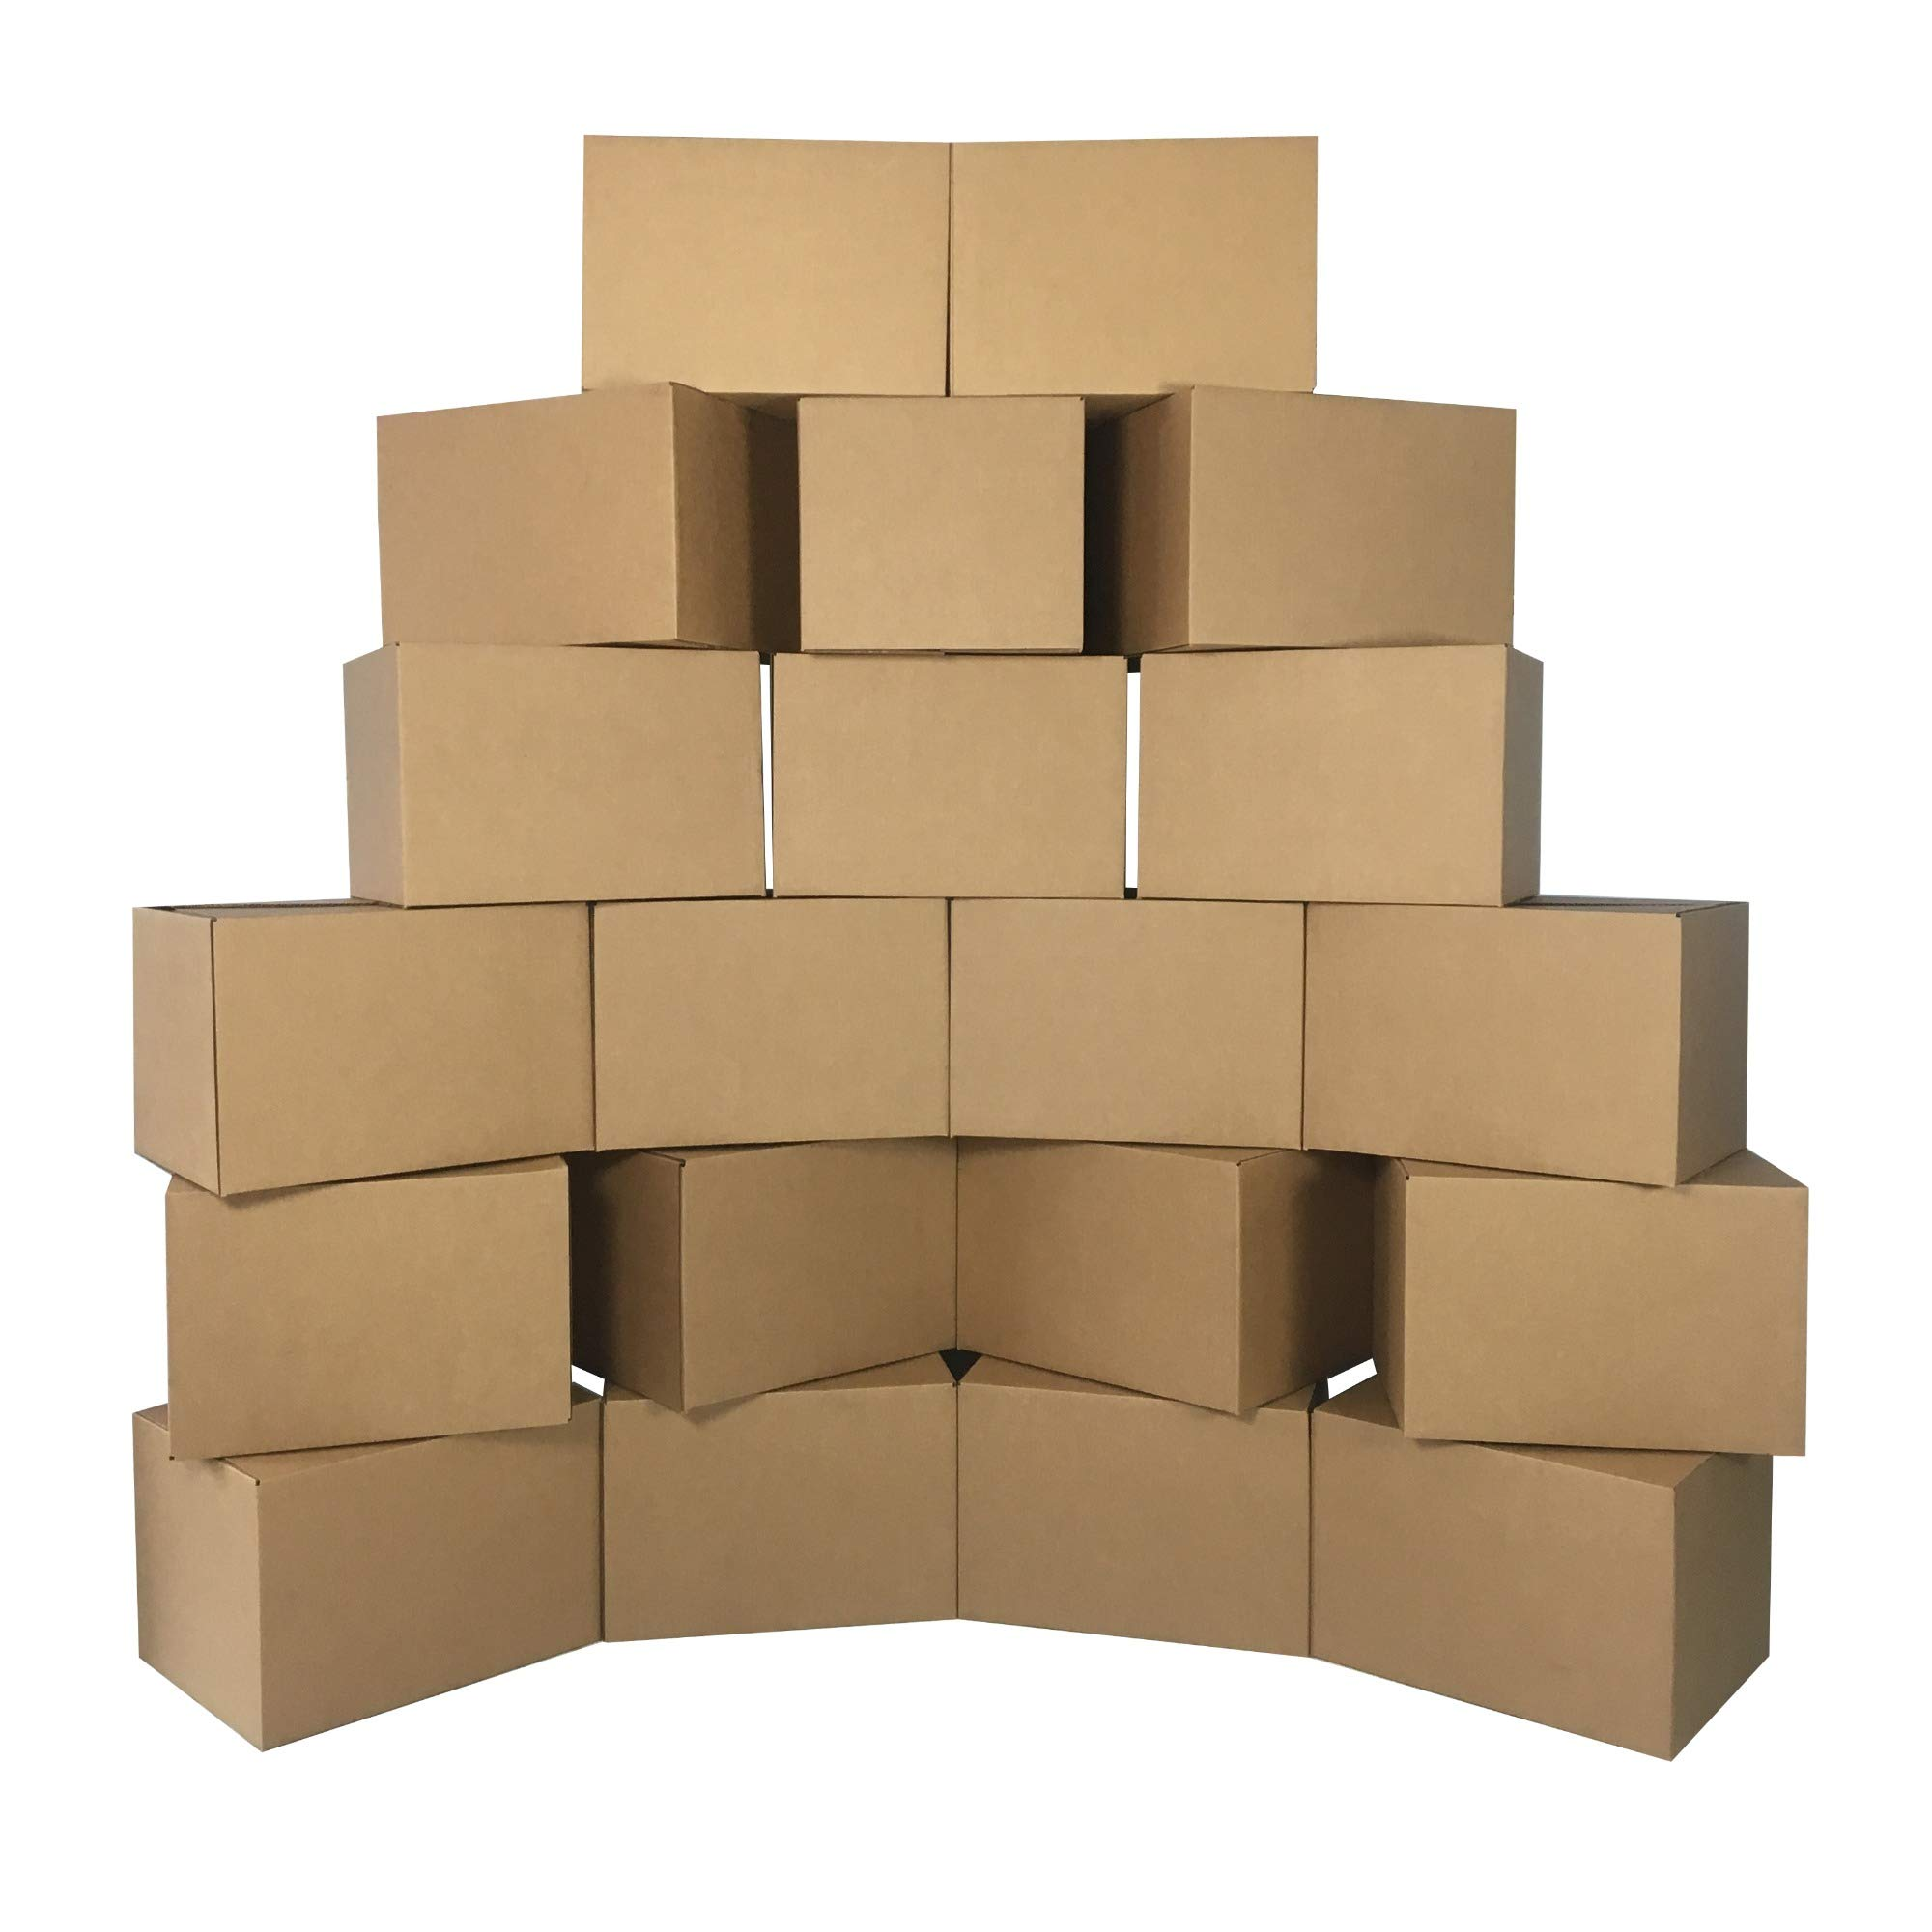 UBOXES Medium Moving Boxes 18 x14 x 12 Inches , Bundle of 20 Boxes (BOXBUNDMED20)